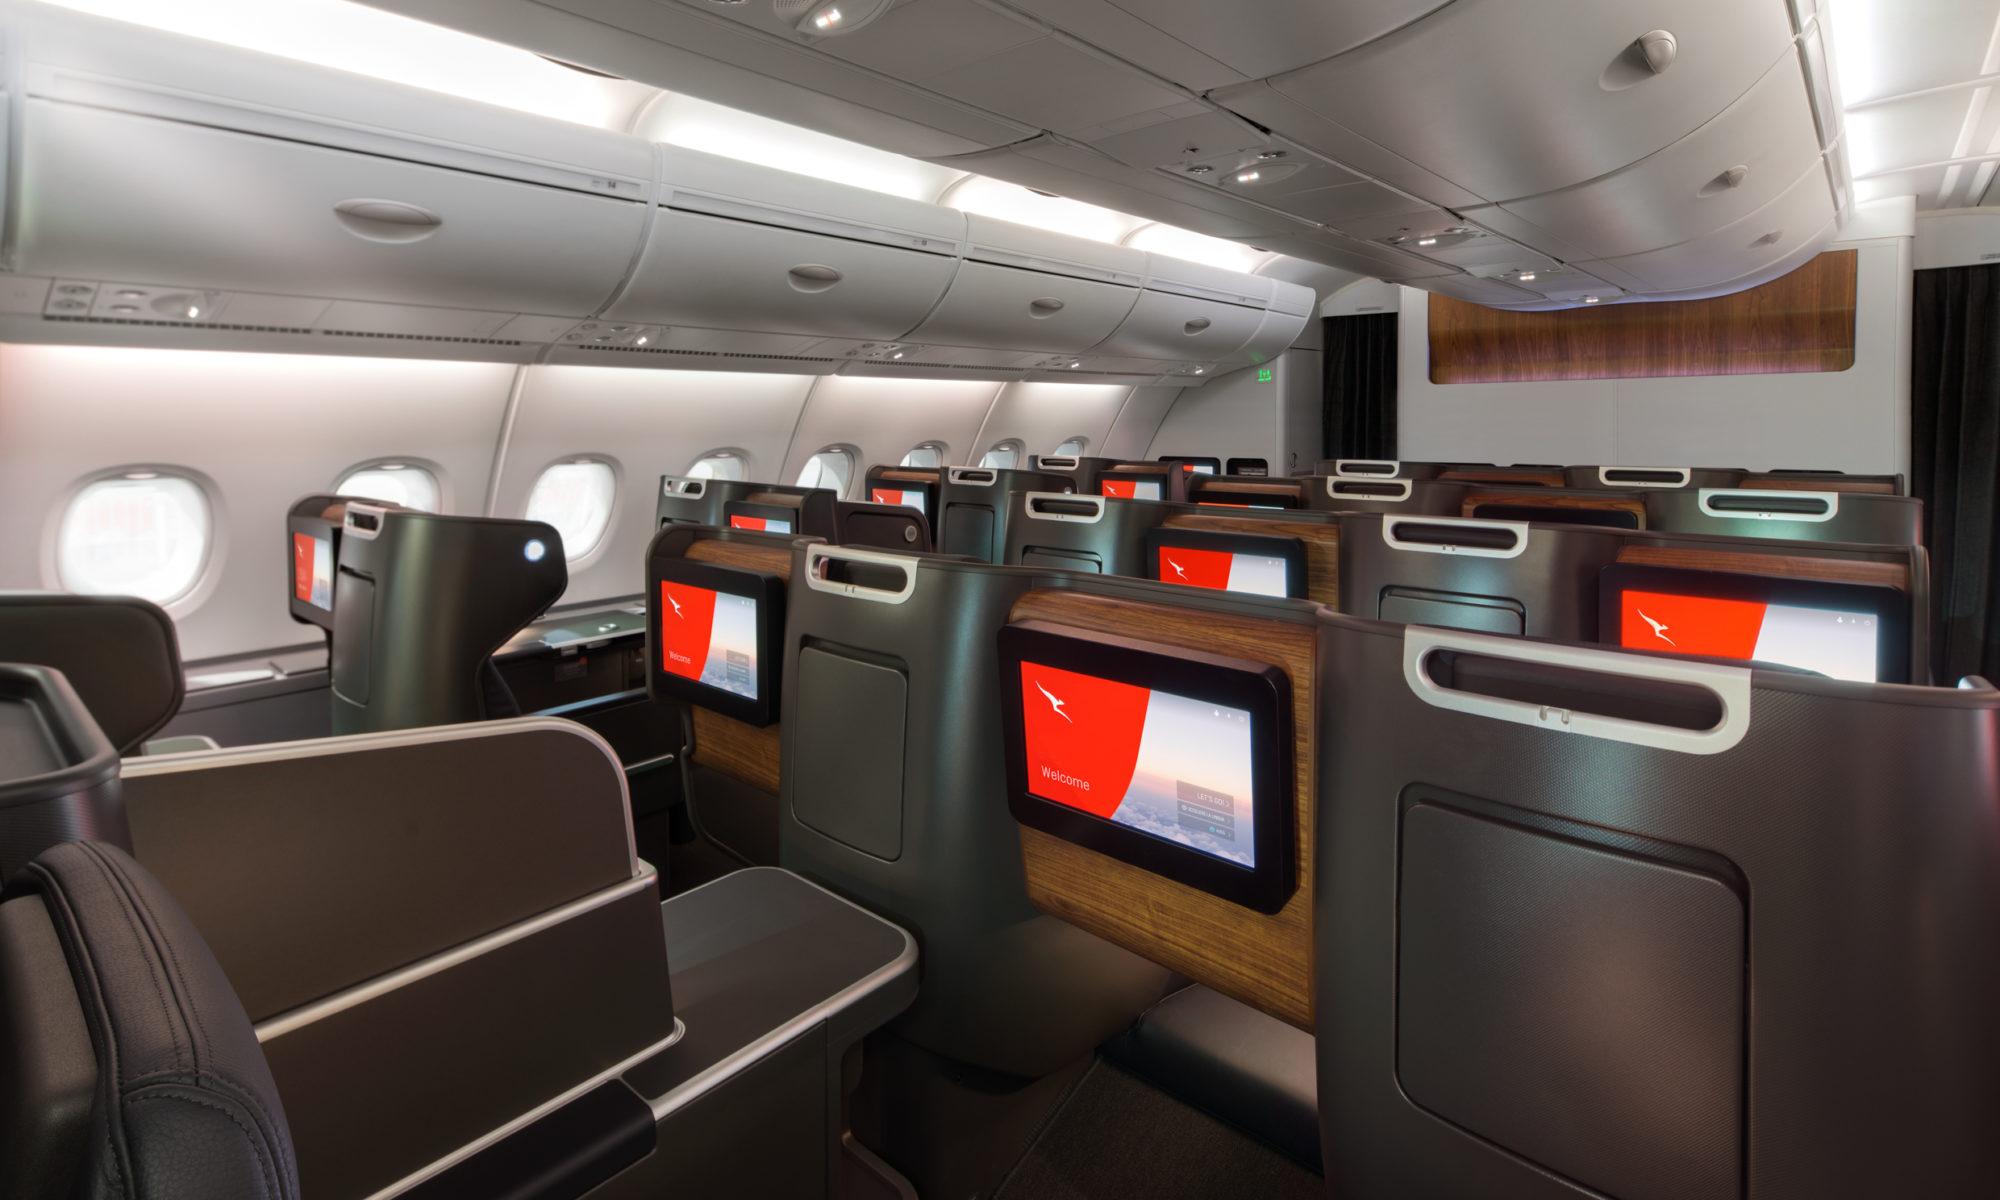 كانتاس الأسترالية ترقي مقاعد الدرجة الأولى على طائراتها A380 الجديدة